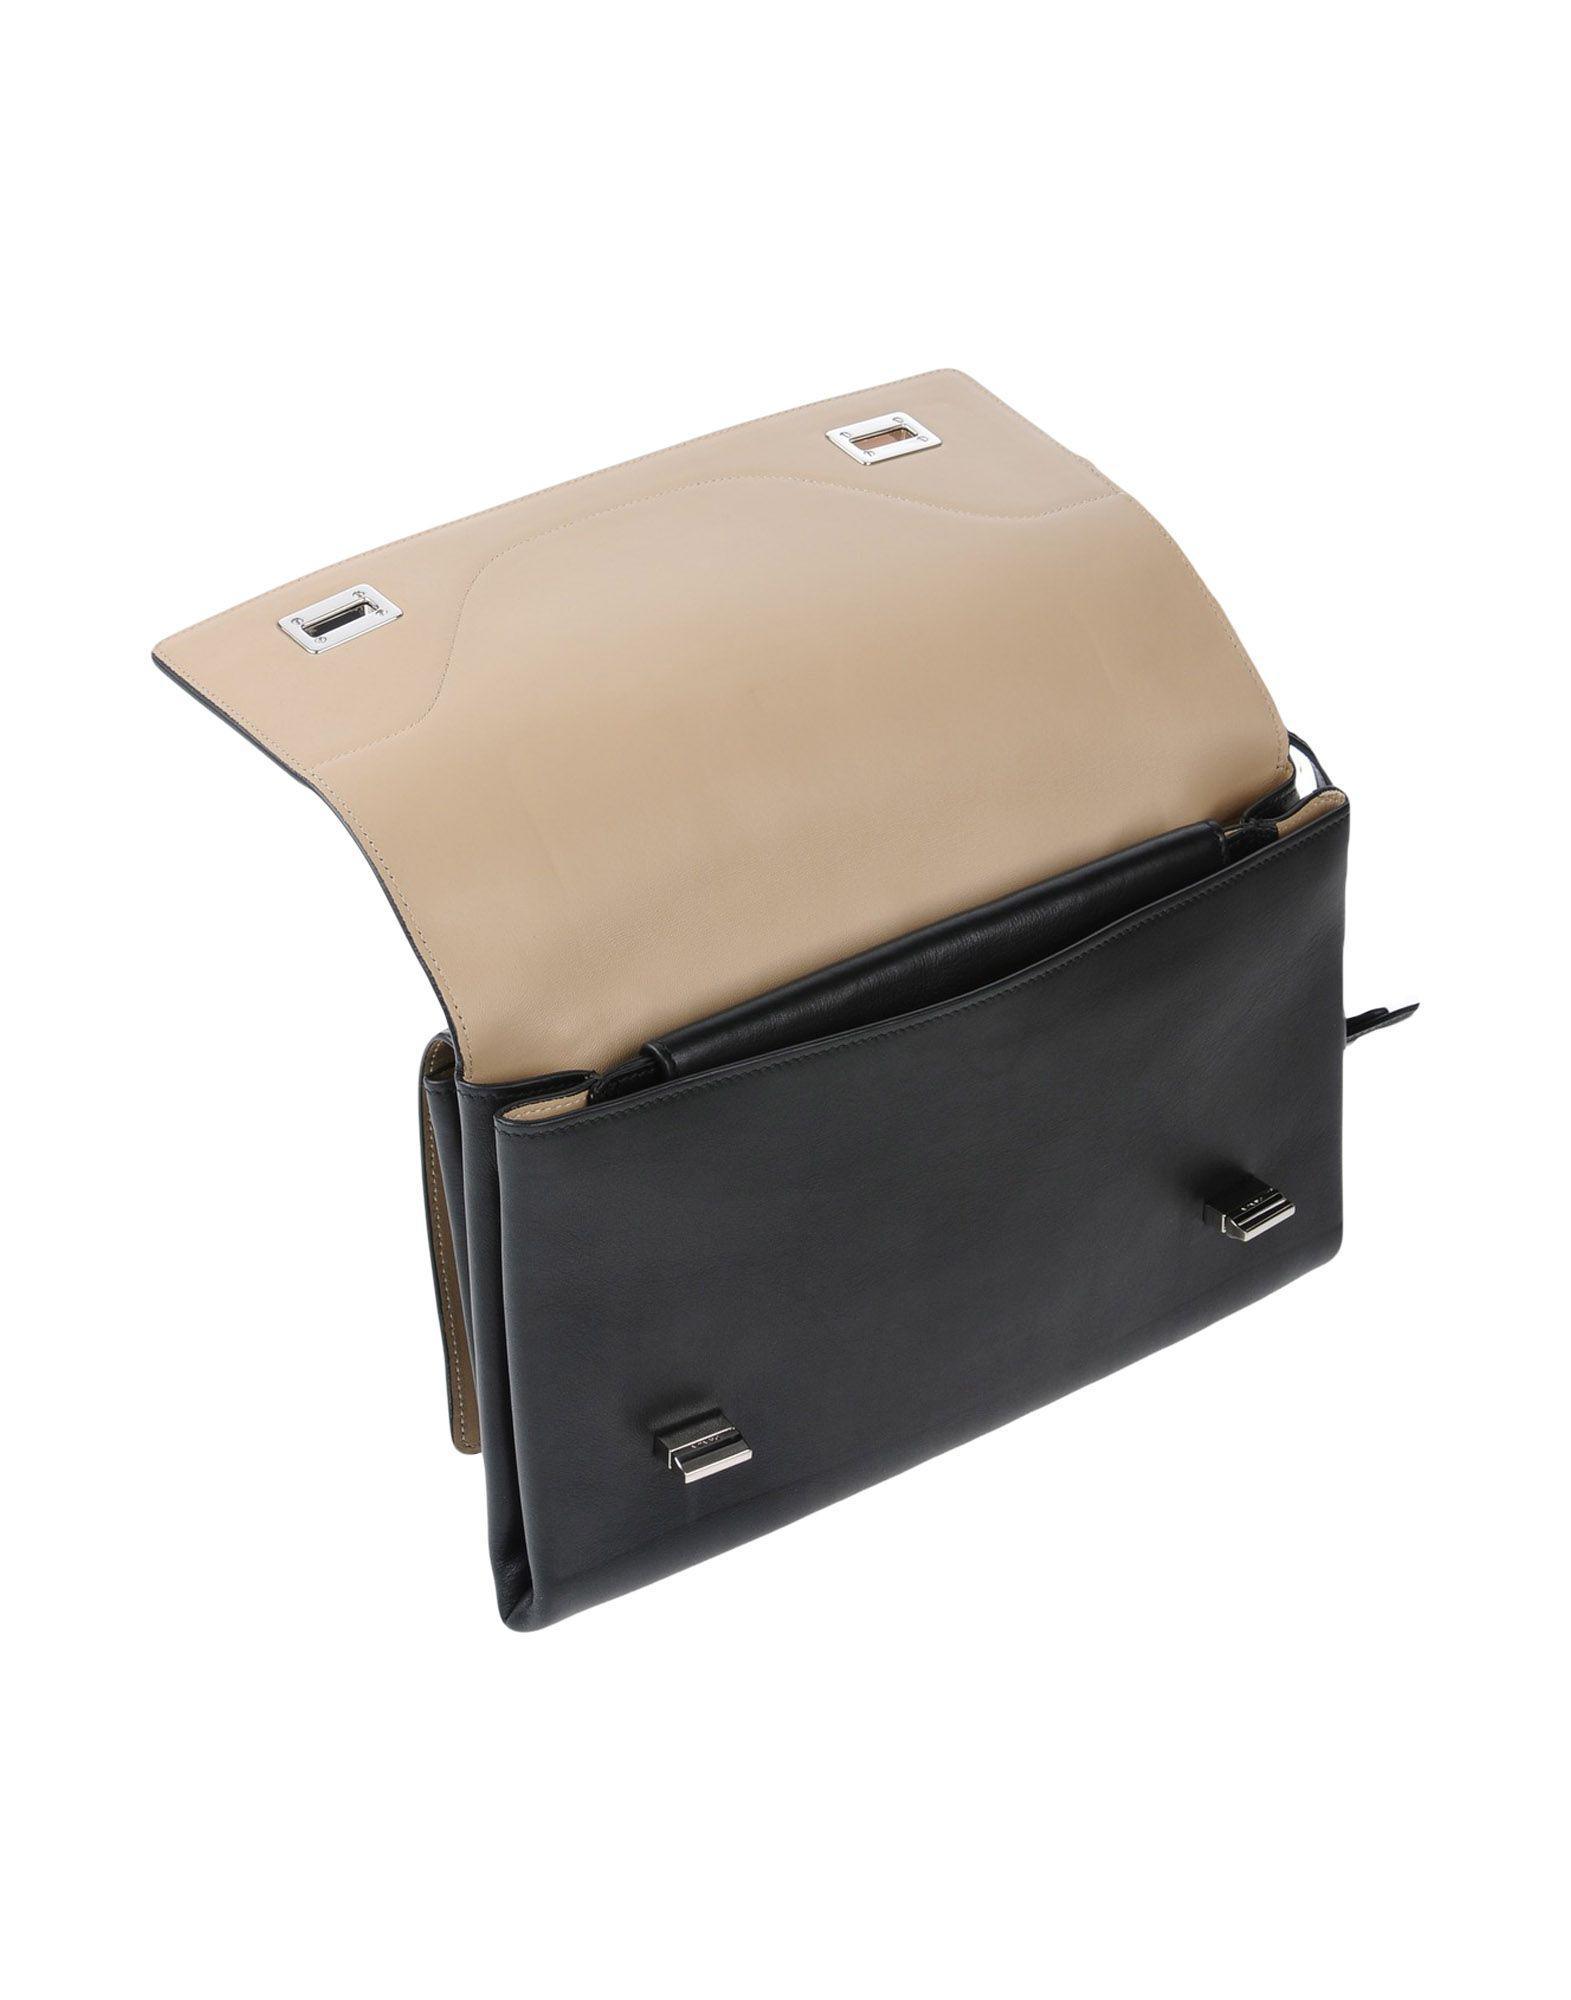 Prada Leather Cross-body Bag in Black